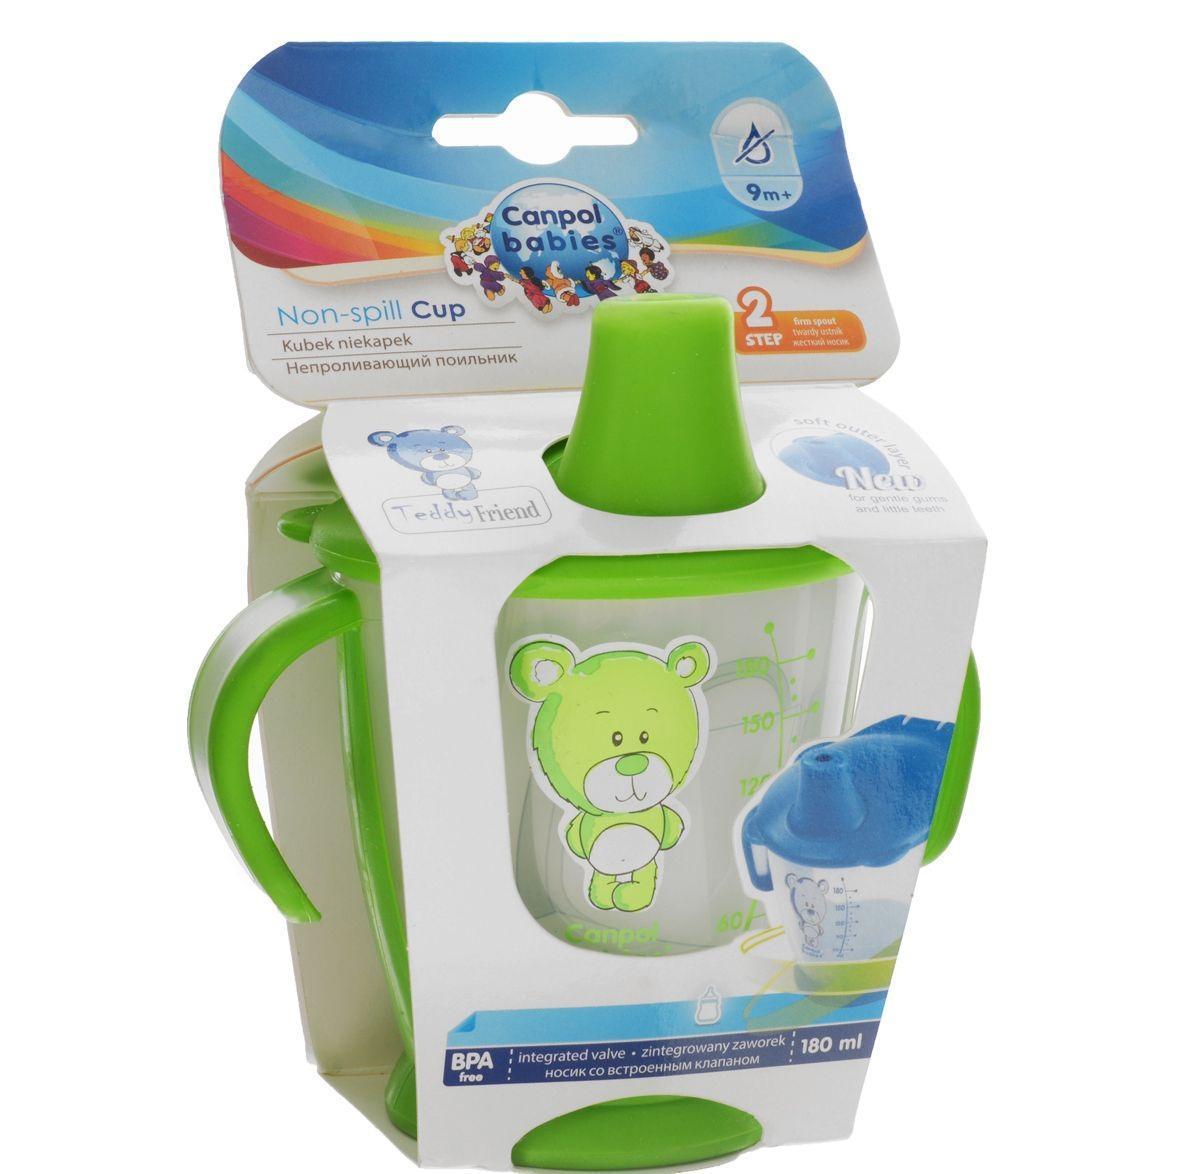 Поильник Canpol Babies Медвежонок, непроливающий, цвет: зеленый, 180 мл31/500 зеленыйПоильник Canpol Babies Медвежонок предназначен для ребенка от 9 месяцев и снабжен уникальным непроливающим клапаном, который разработан знаменитым дизайнером Мэнди Хабэрмэн таким образом, чтобы ребенок мог пить самостоятельно, не проливая при этом содержимое поильника. Благодаря непроливающему жесткому носику, который защищает содержимое поильника от проливания, ребенок легко научиться пить самостоятельно. Поильник дополнен фигурными прорезиненными ручками, которые позволяют ребенку легко хватать и удерживать их в своих маленьких ручках. Также предусмотрено нескользящее дно, которое предотвращает случайные движения поильника по поверхности. Благодаря простому дизайну (емкость и крышка) поильник легко содержать в чистоте. Оформлен поильник рисунком с изображением очаровательного медвежонка, а также шкалой с обозначениями.